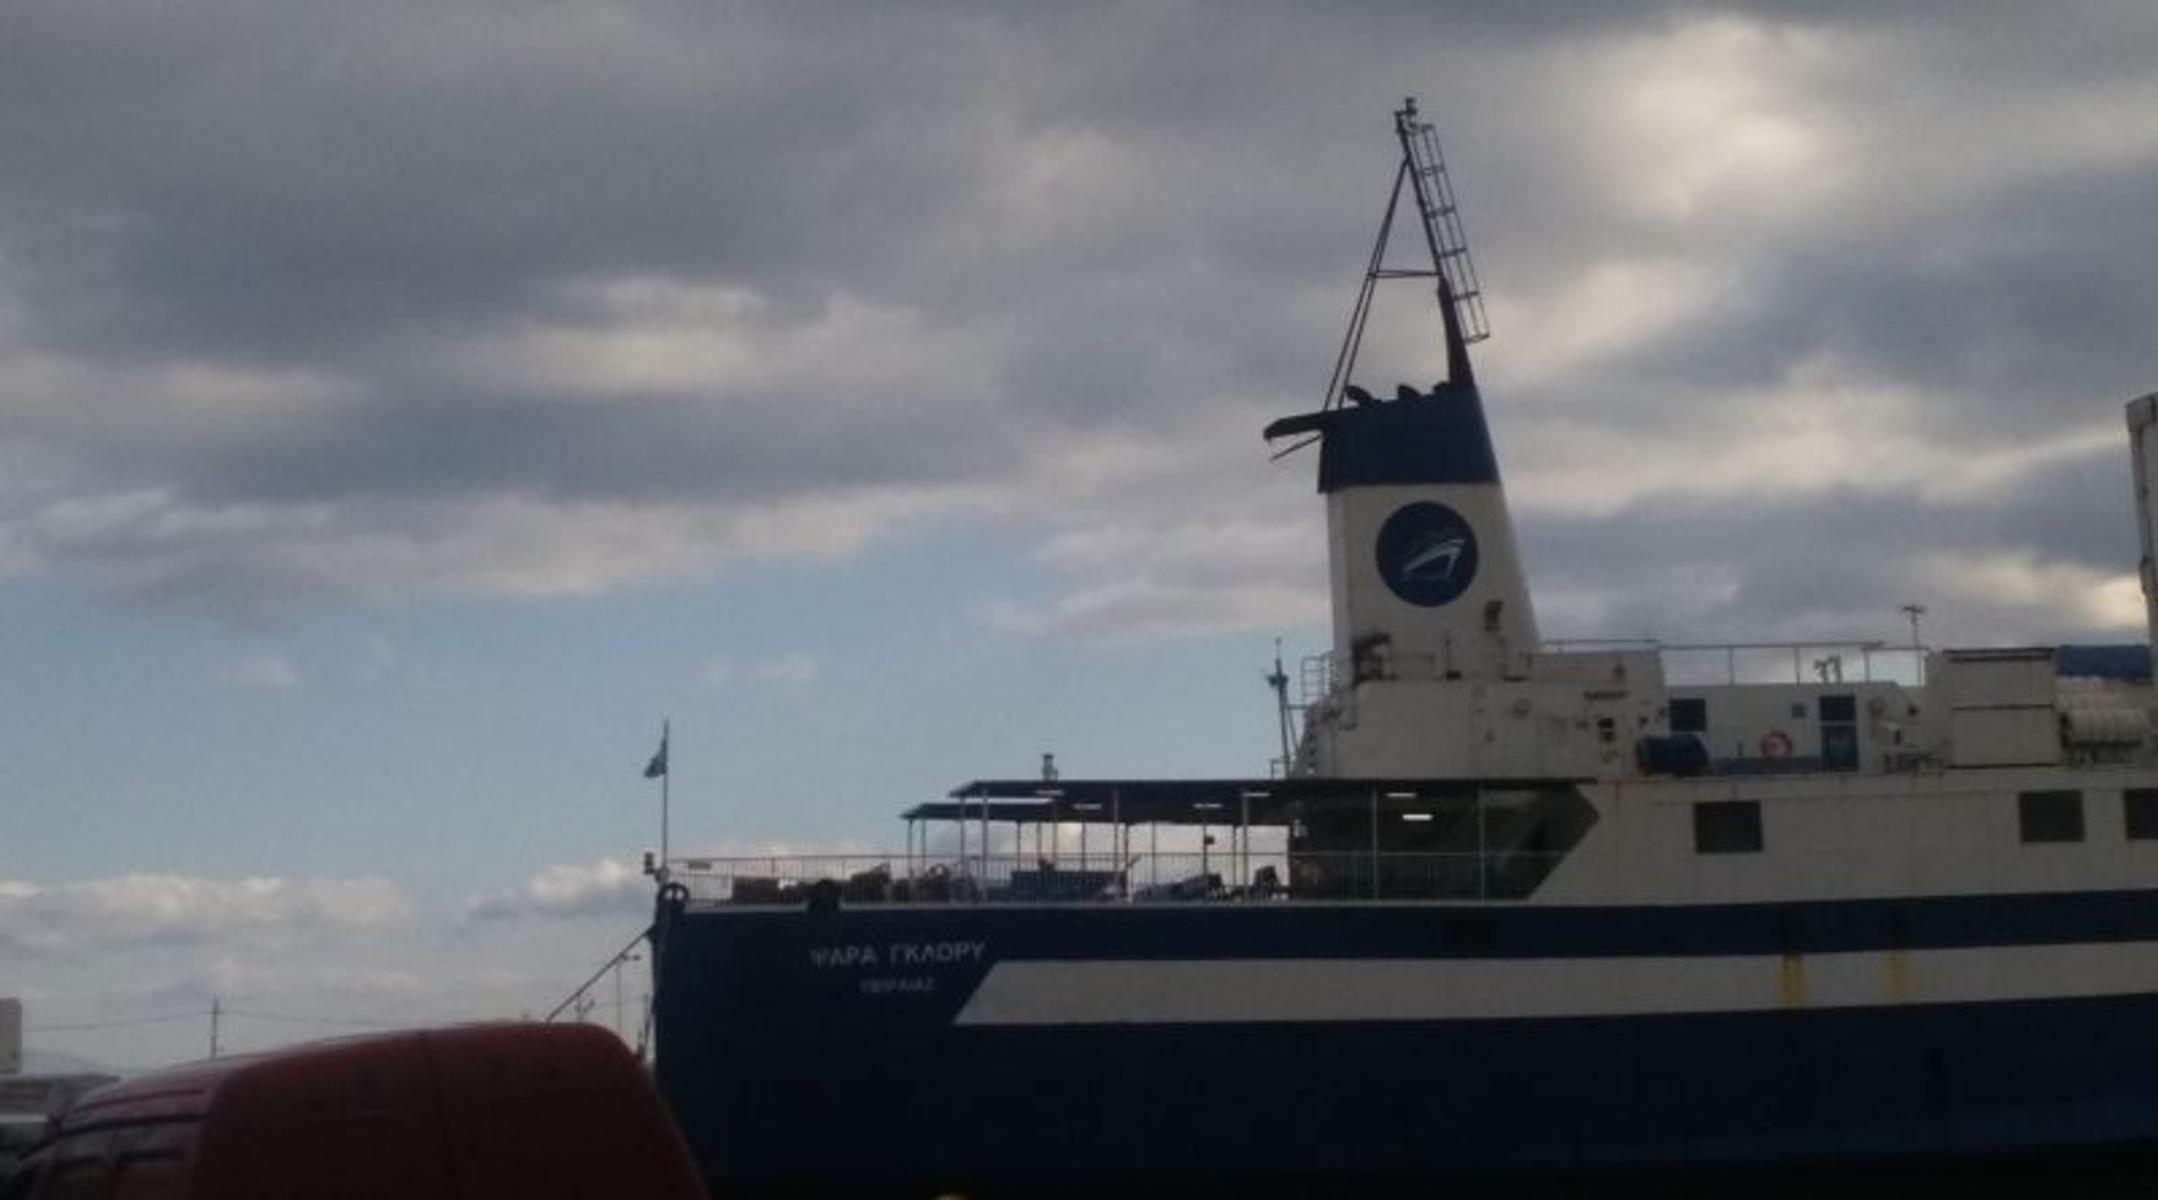 Τραγωδία στα Ψαρά! 58χρονος ναύτης βρέθηκε να επιπλέει δίπλα στο πλοίο του